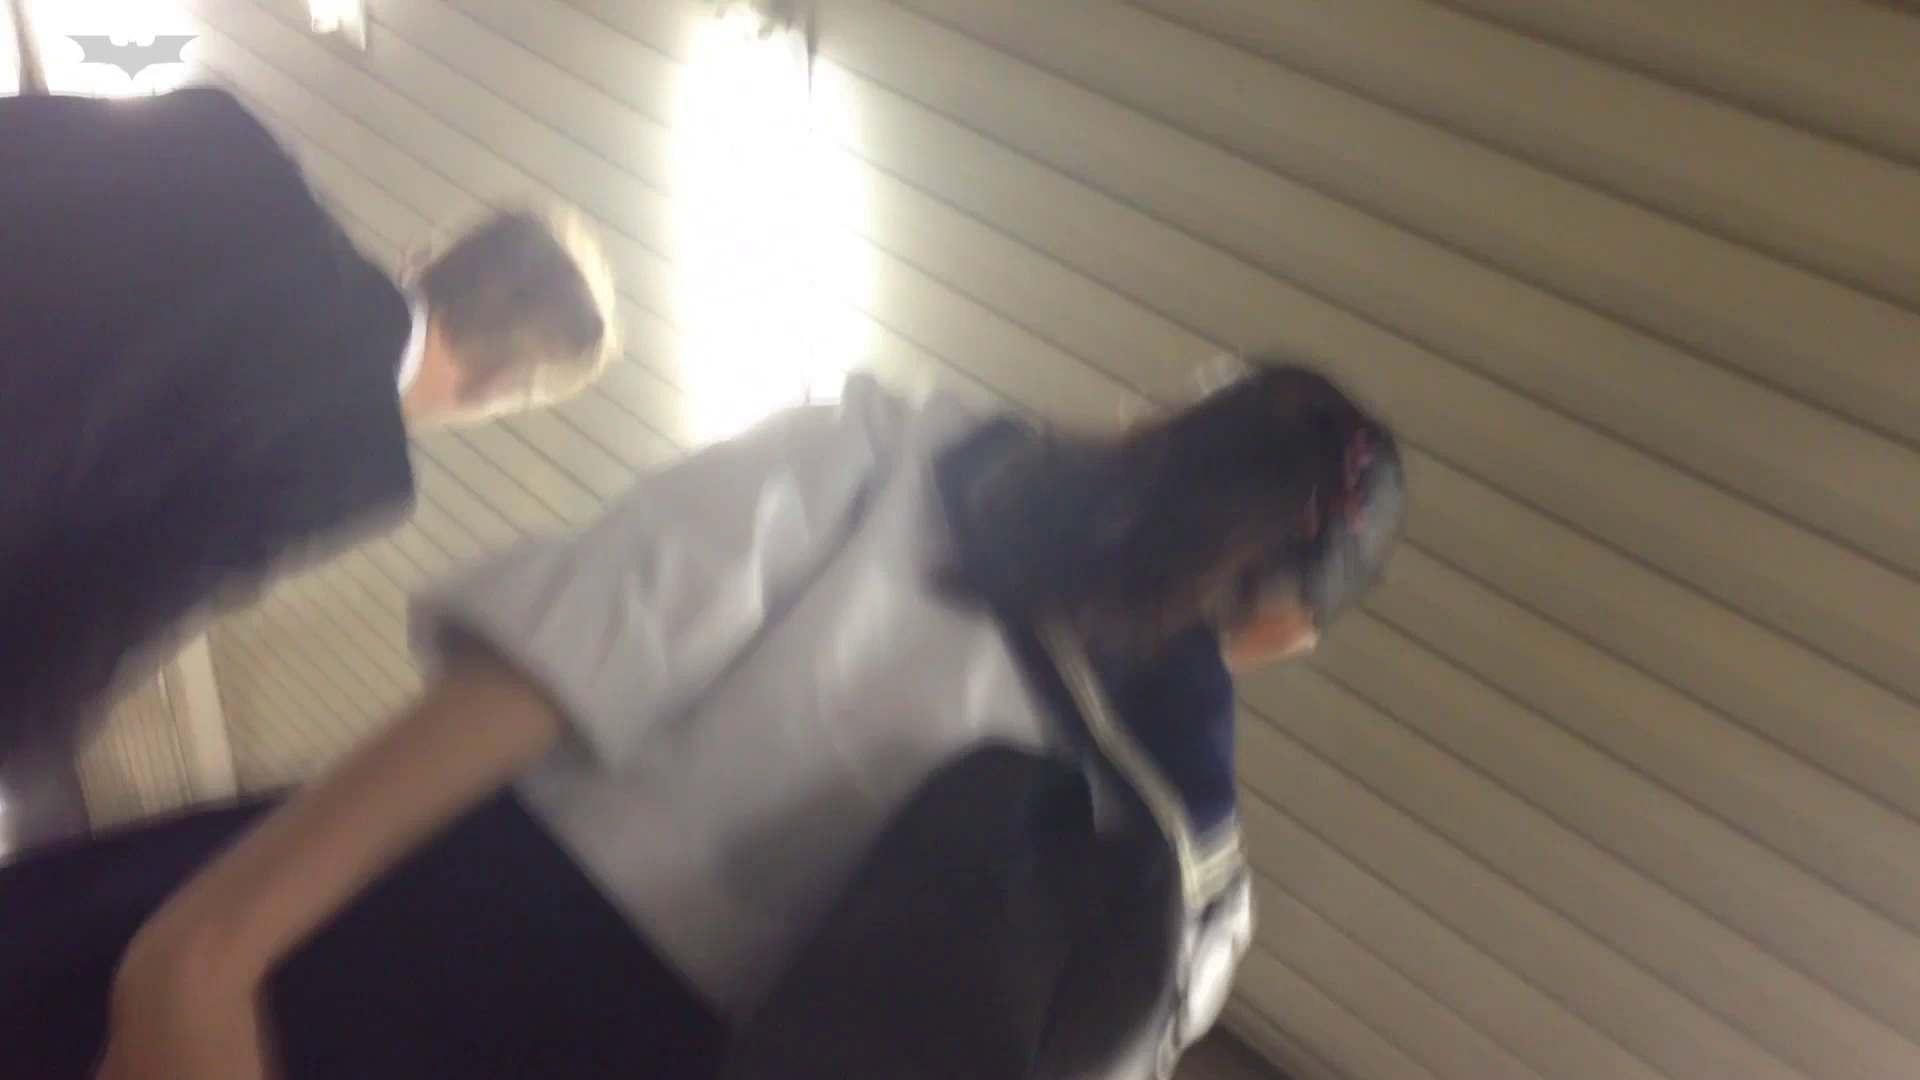 階段パンチラ Vol.08 盛合せ オマンコ無修正動画無料 90枚 9